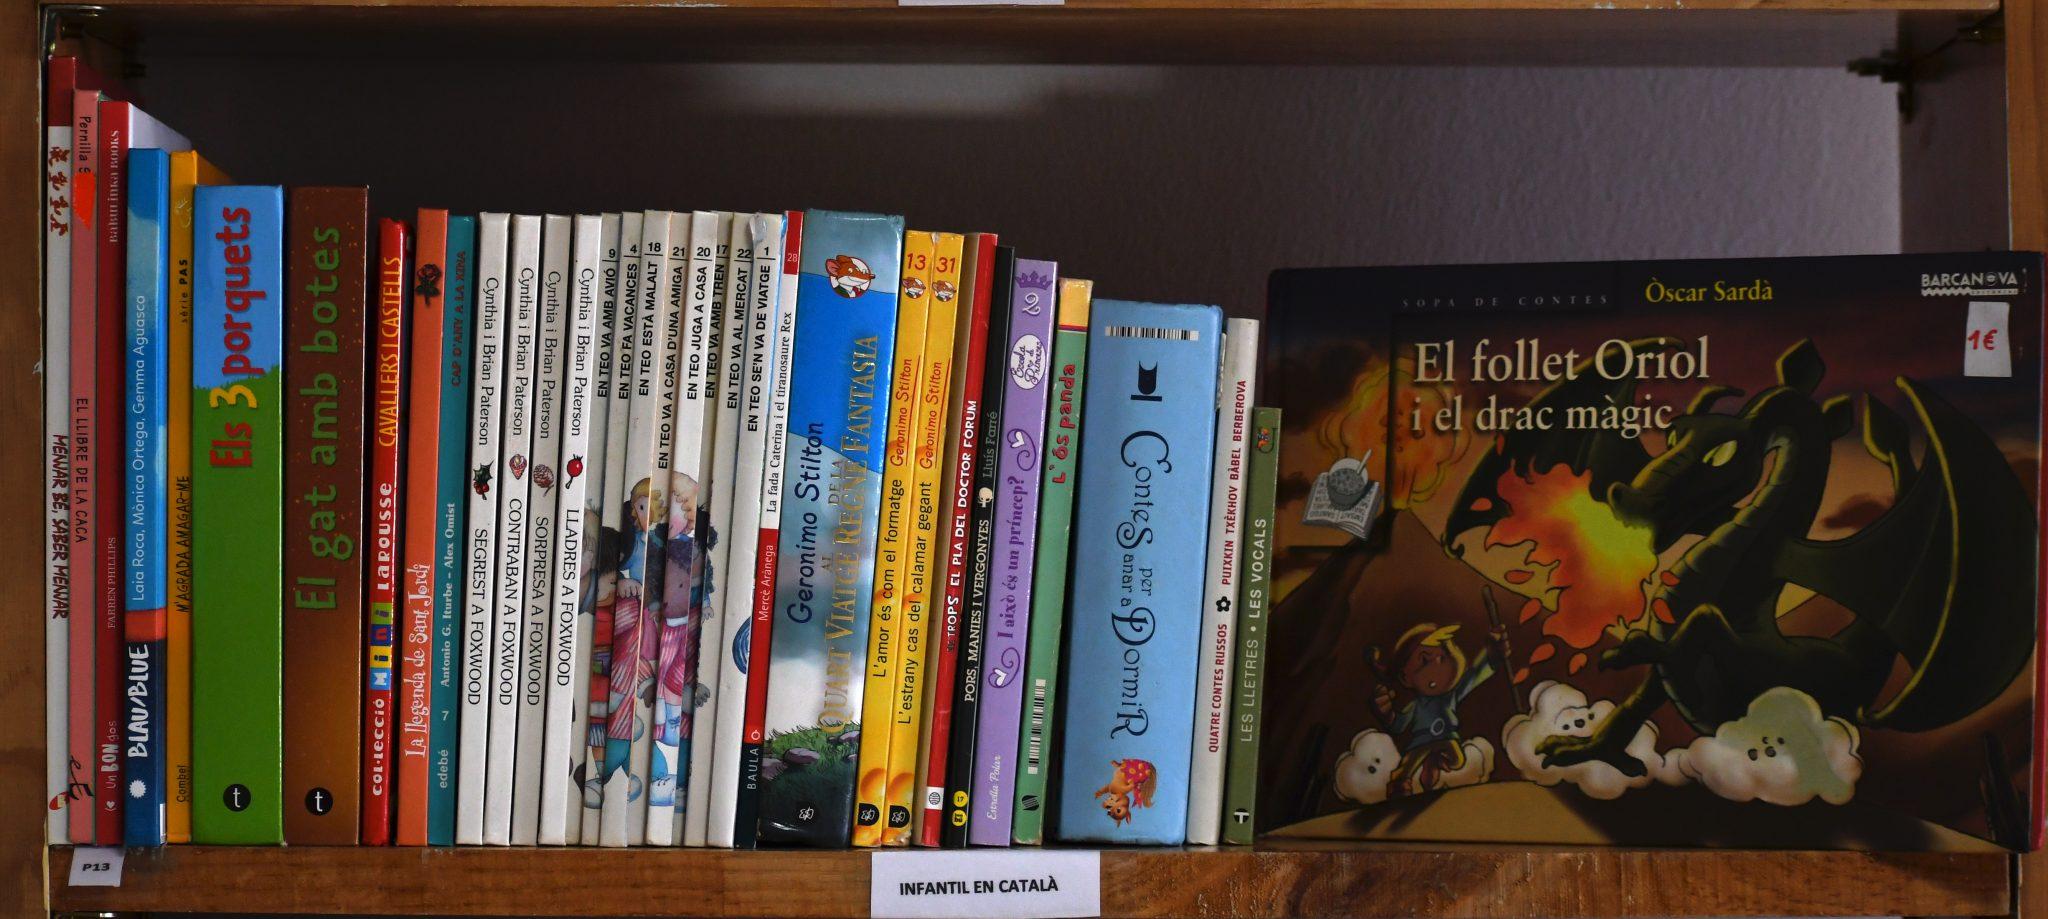 Infantil en català